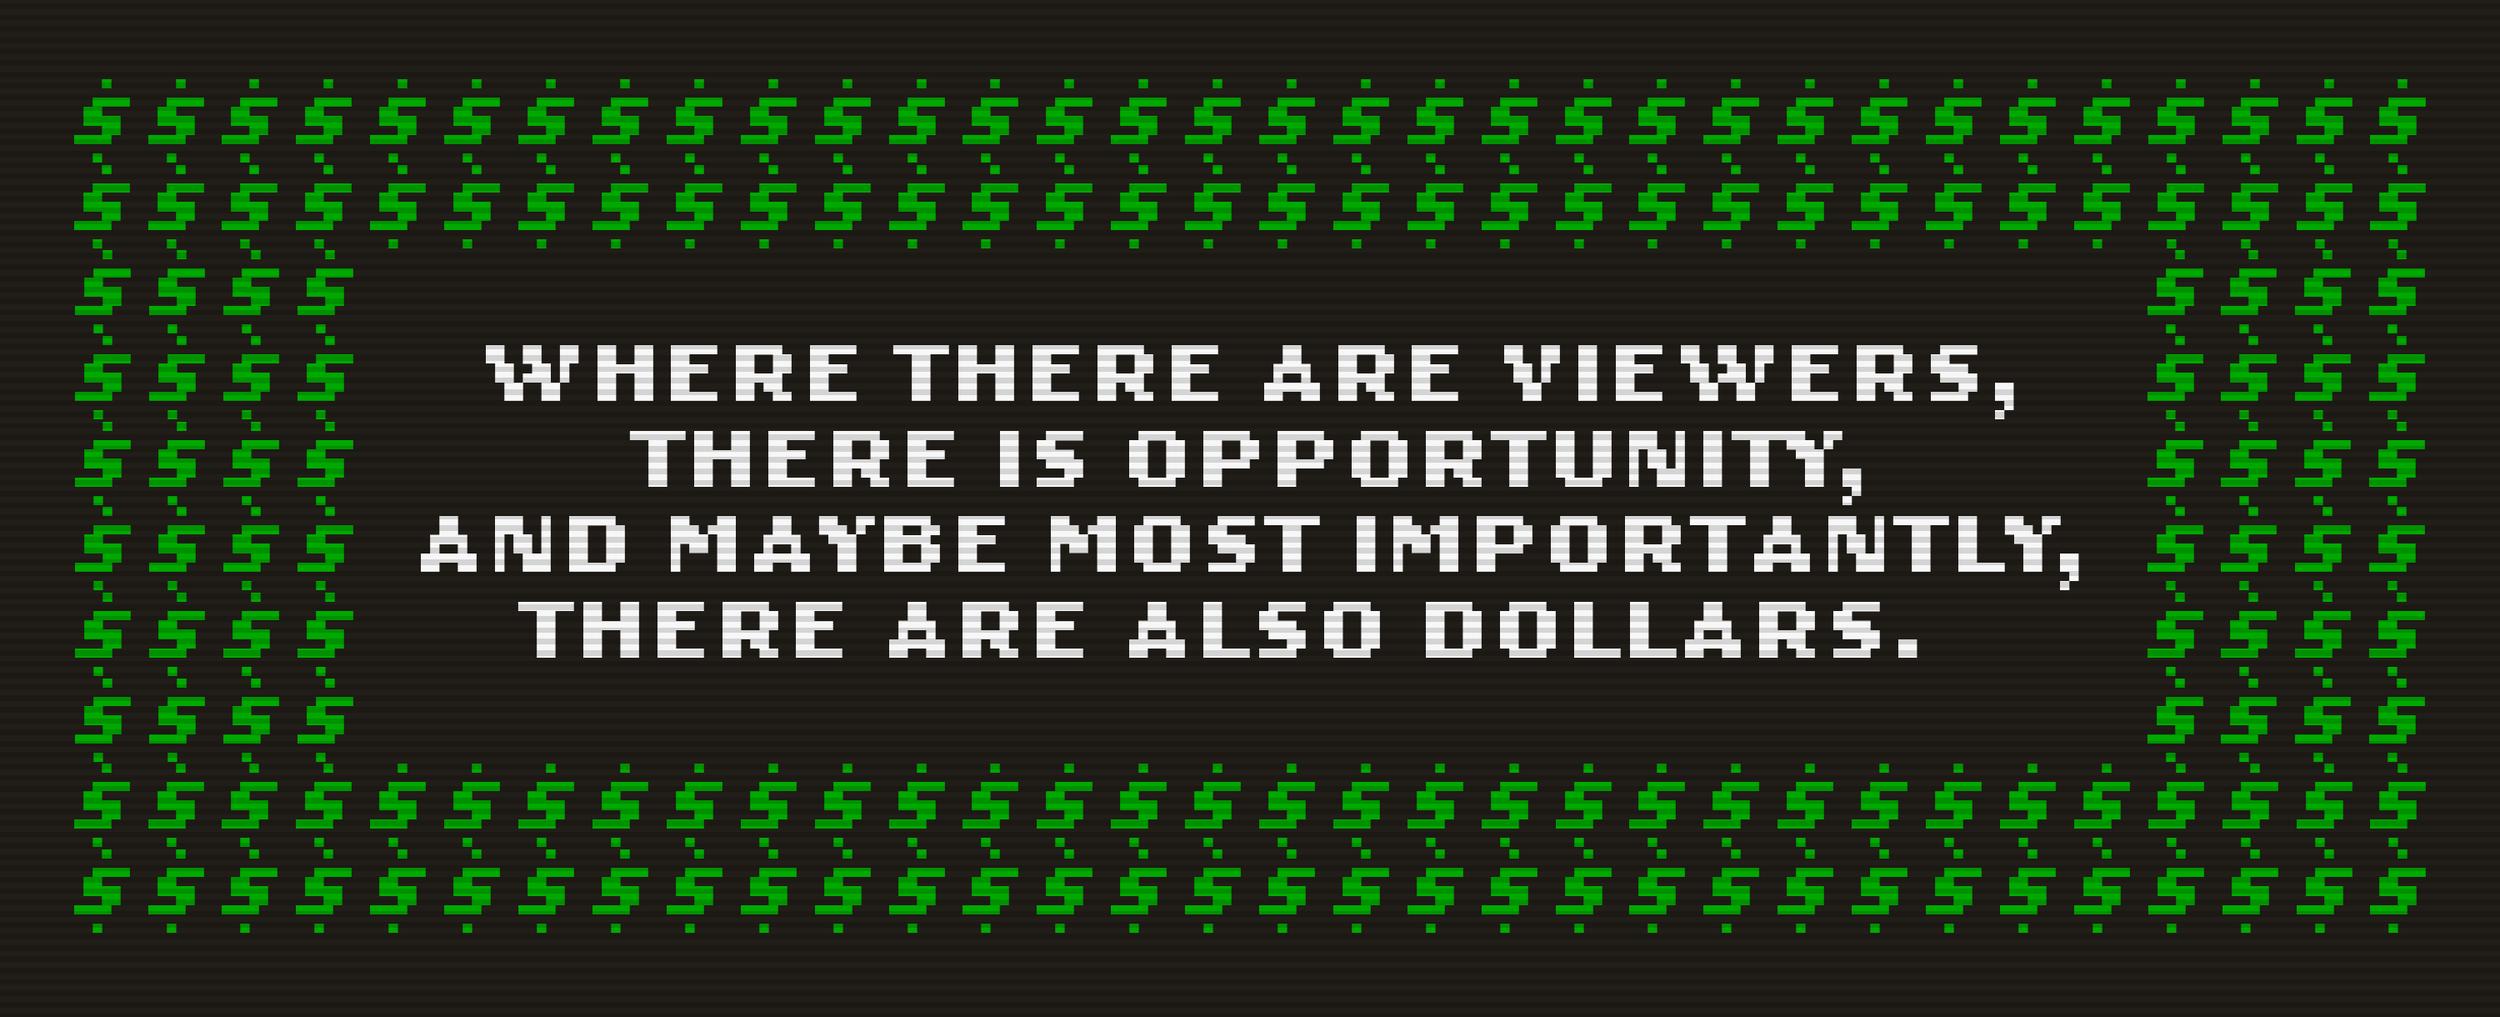 RatedTforTeen_Dollars.png